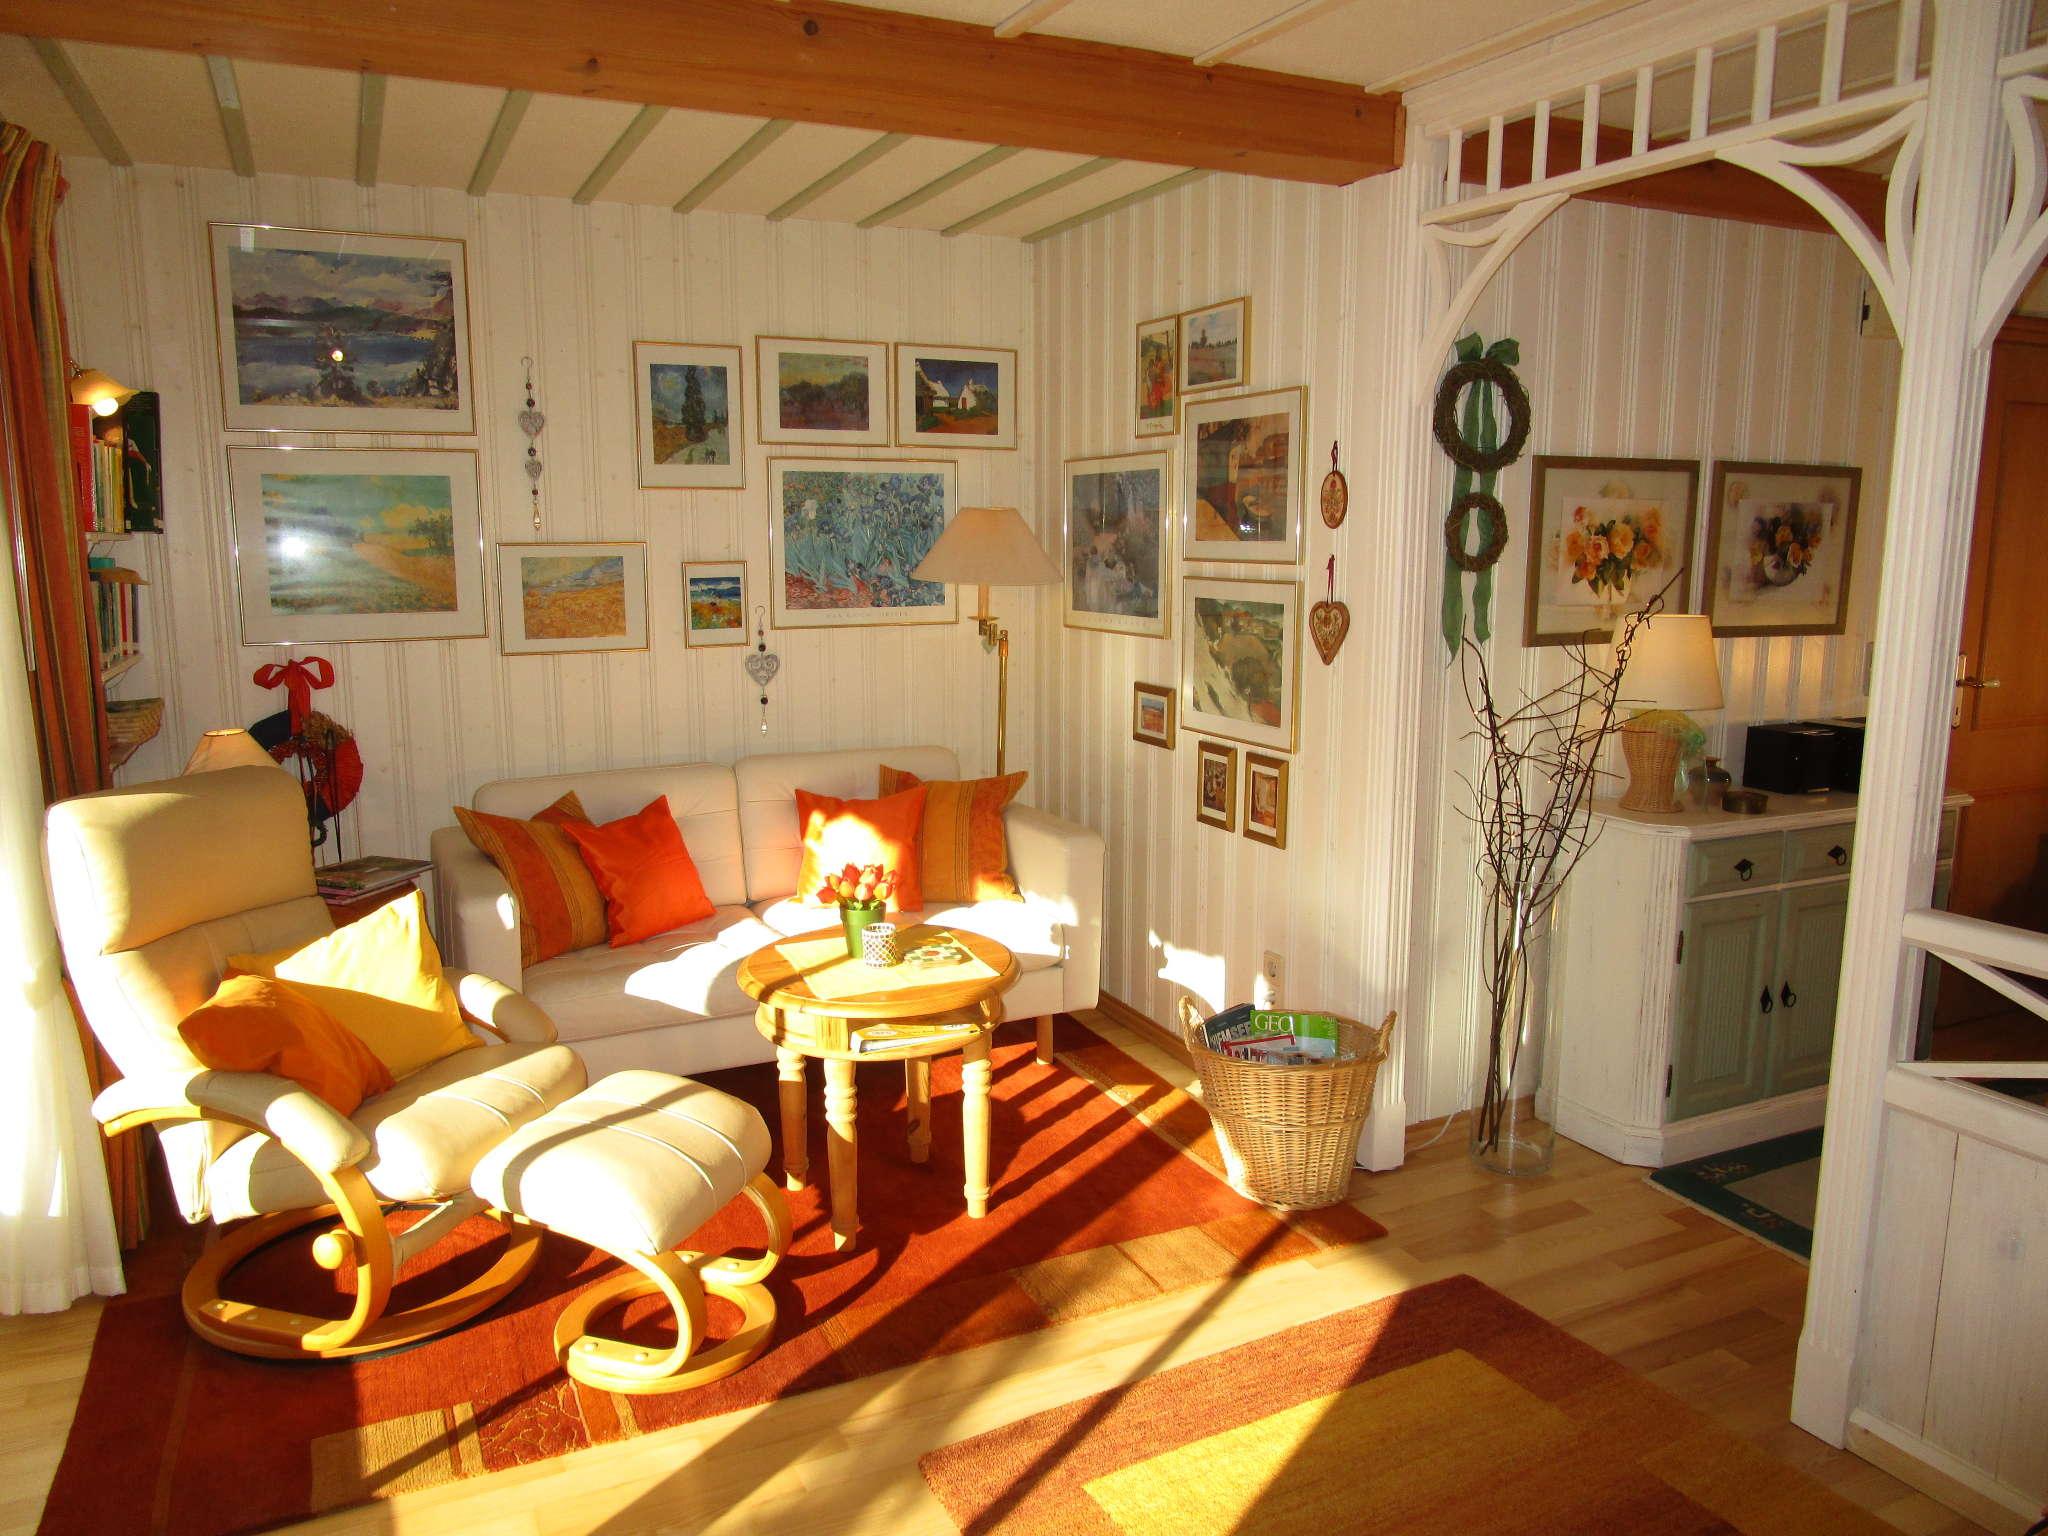 landhaus buchenhain ferienwohnung a in reit im winkl bayern grunwald. Black Bedroom Furniture Sets. Home Design Ideas